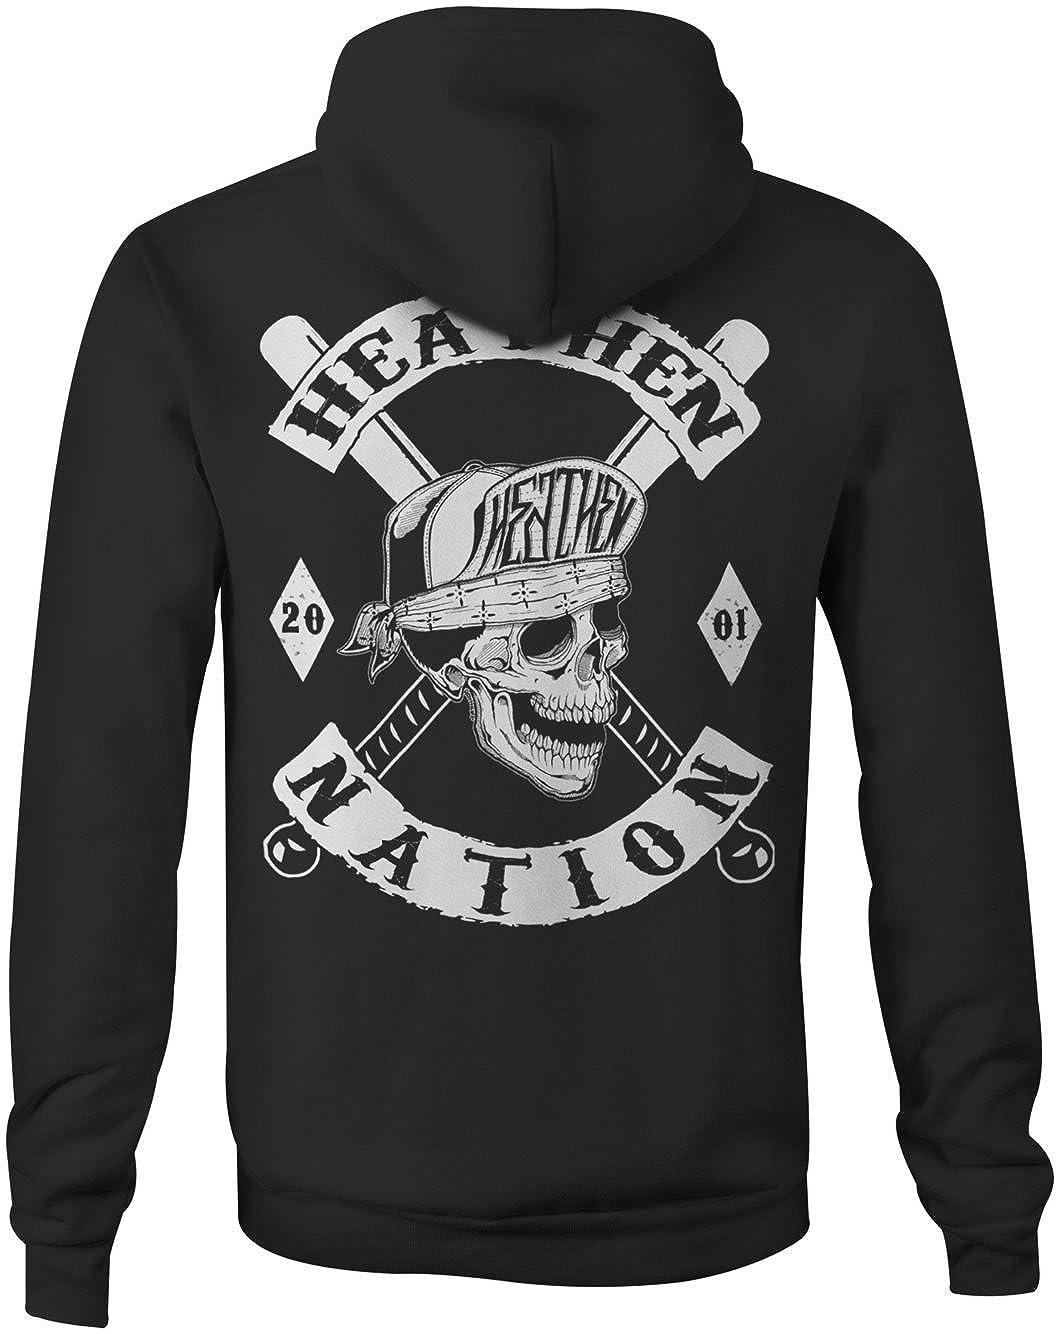 Heathen Nation Pullover Hoody